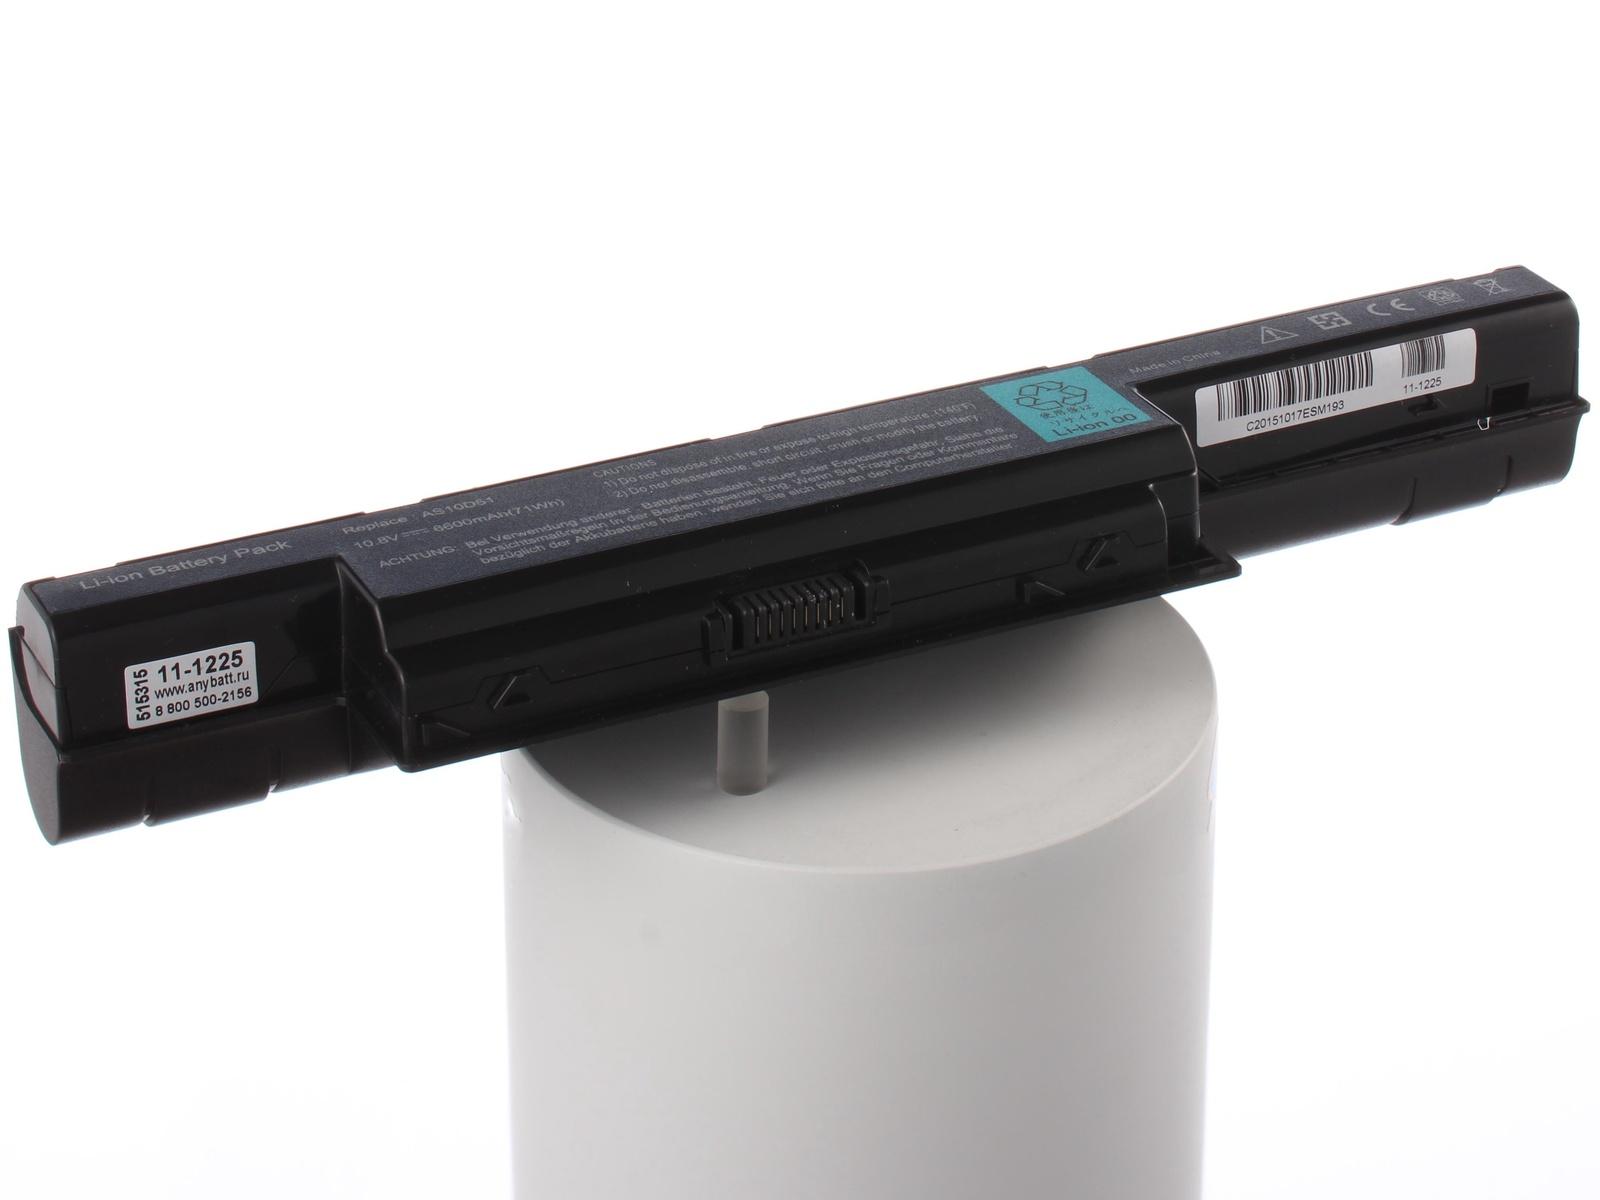 Фото - Аккумулятор для ноутбука AnyBatt для Acer Aspire V3-771G-53216G75Makk, TravelMate 8473TG, TravelMate 8573TG, Aspire 5552G-P344G50Mnkk, Aspire 5755G-2634G75Mnks, Aspire 7741G-383G32Mikk, Aspire 7750G-2313G32Mikk аккумуляторная батарея topon top ac5551 4400мач для ноутбуков acer aspire 4551g 4741 4771g 5253 5333 5551 5741g 5750g 7551g 7741g v3 travelmate 4750 5740g 7750g 8572tg e640 e642g